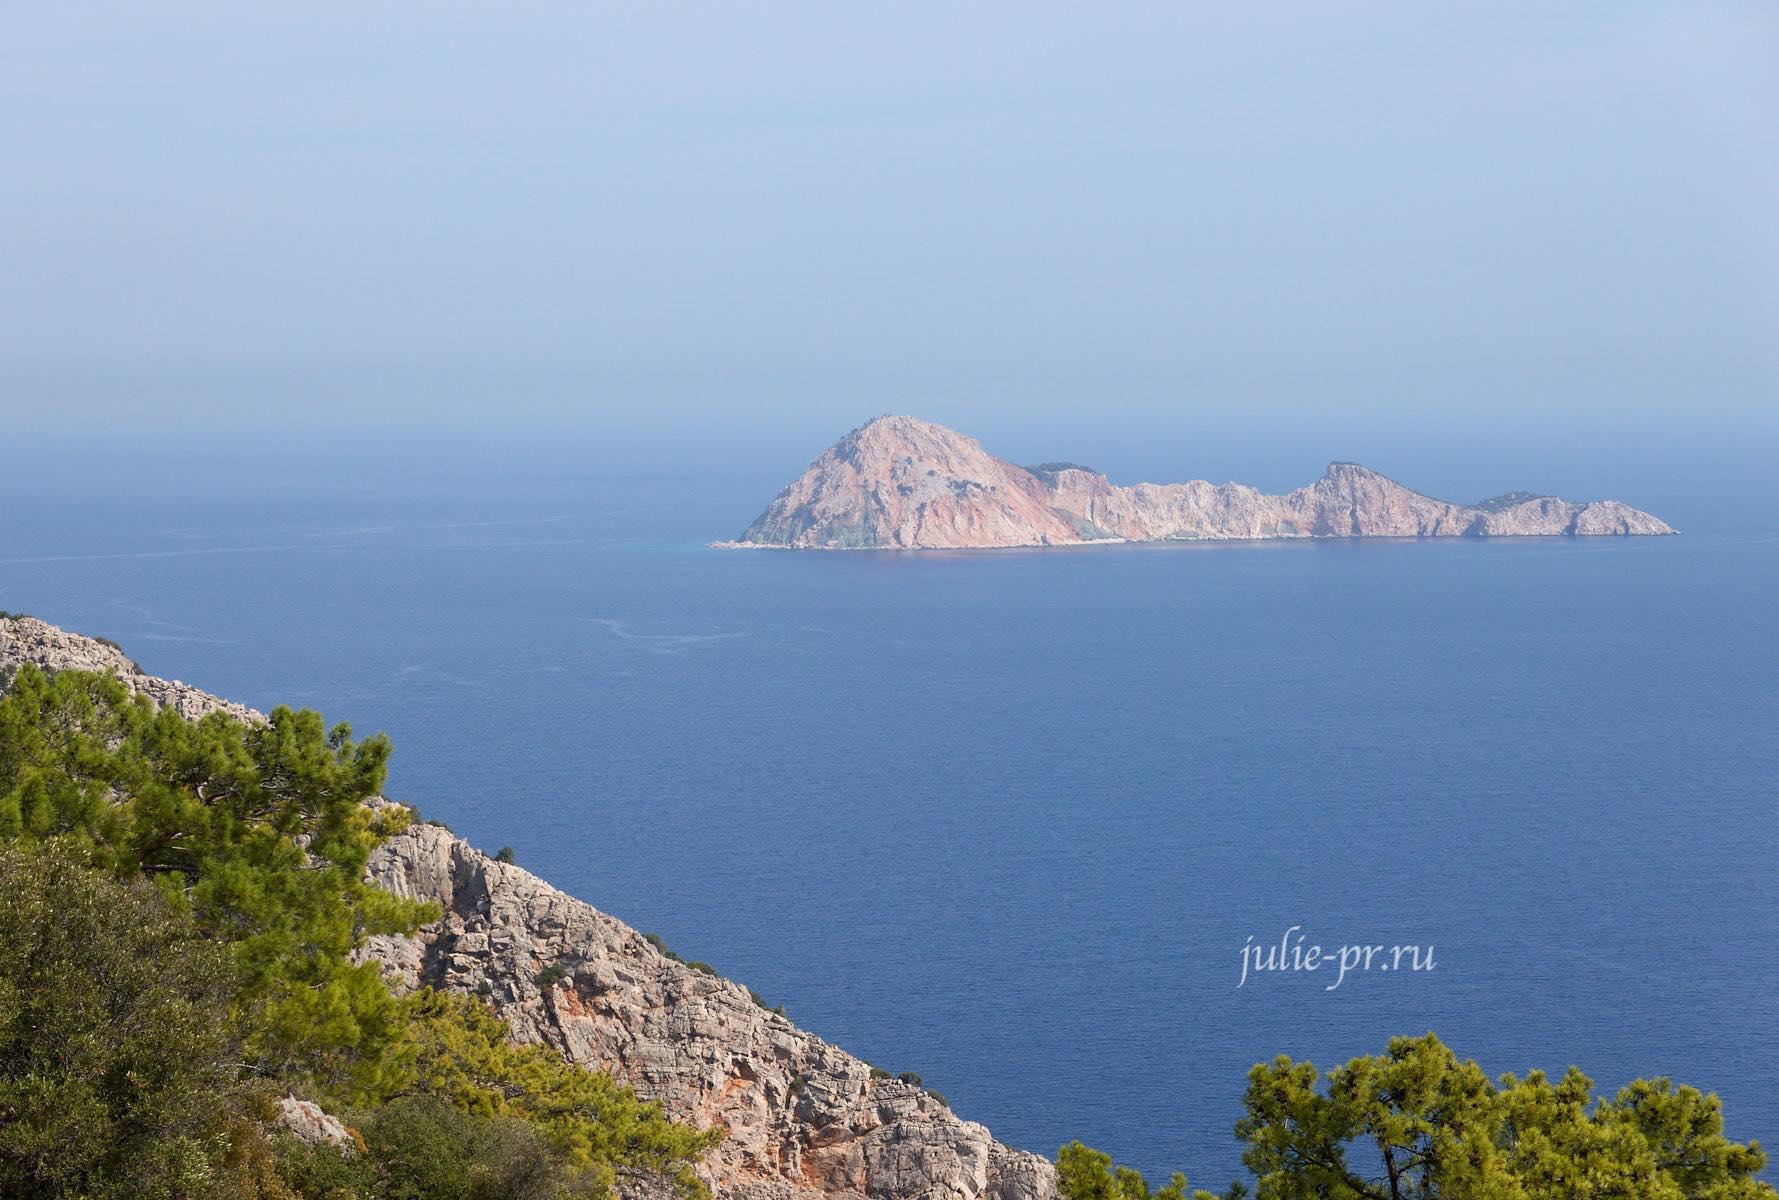 Турция, Ликийская тропа, мыс Гелидония, остров Suluada